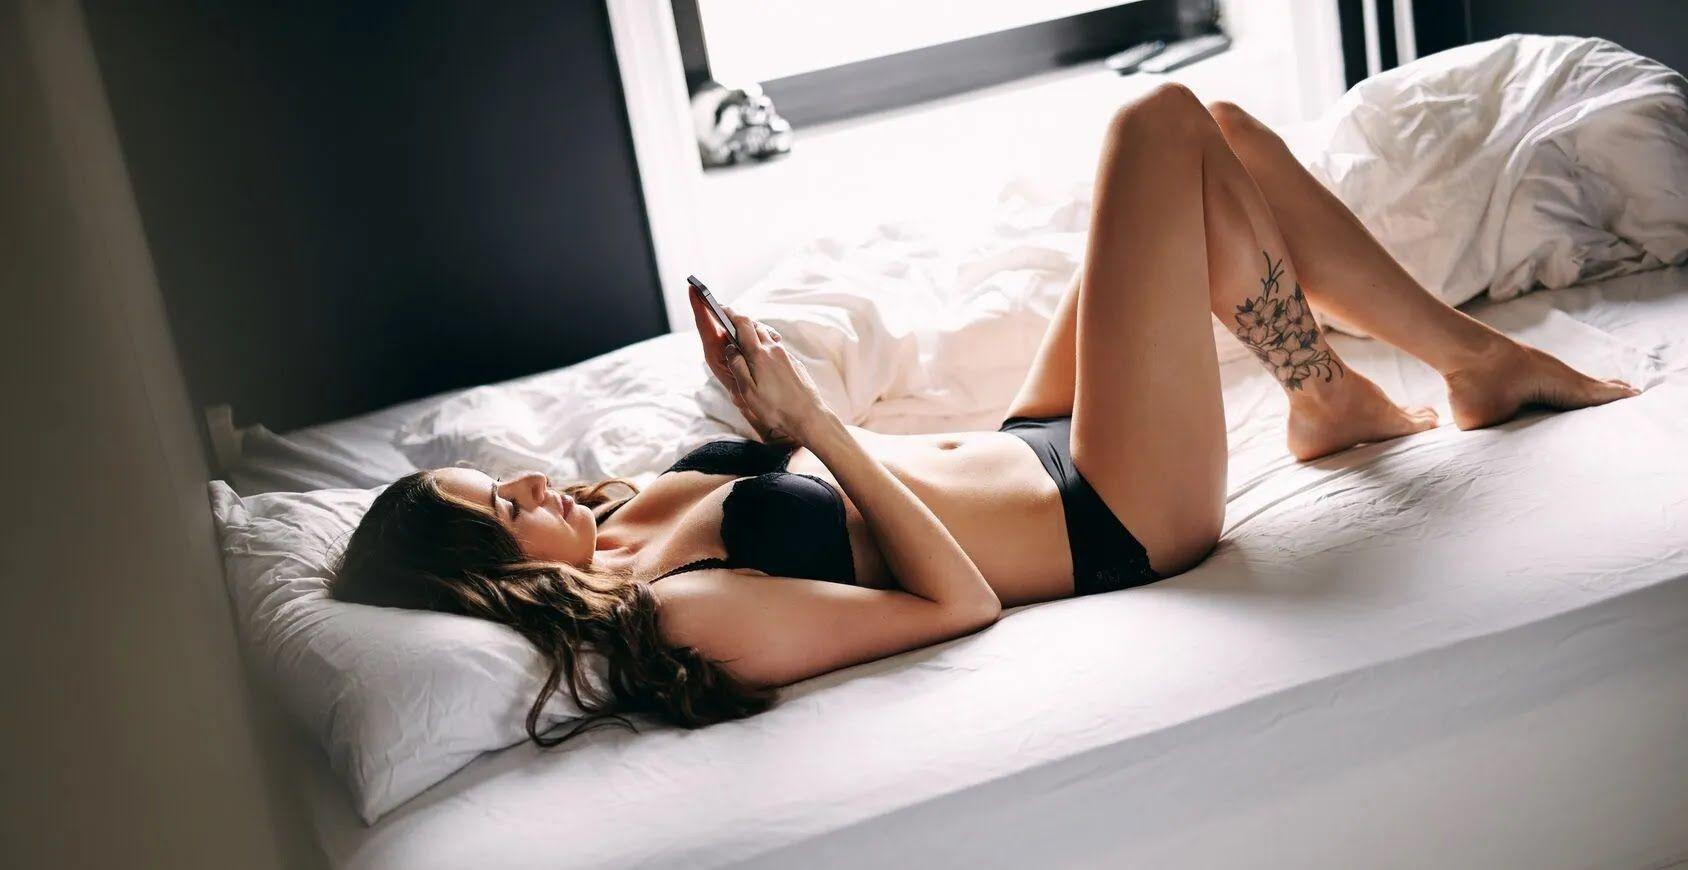 По статистике, большинство женщин не в восторге от самого процесса анального и орального секса.